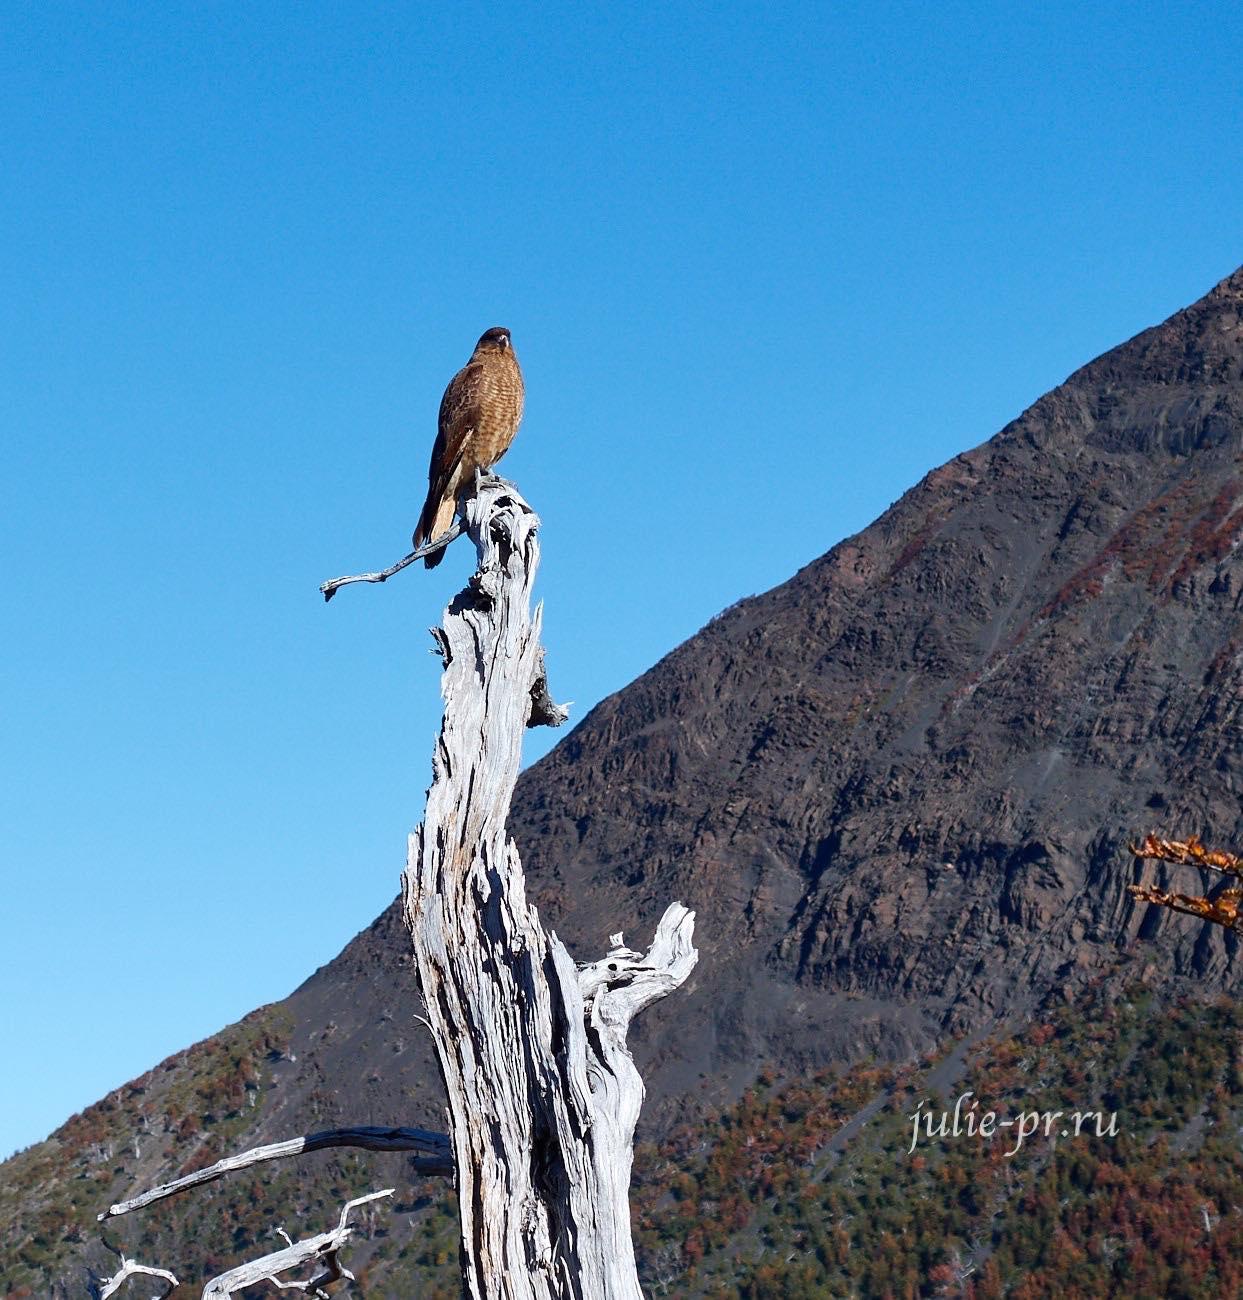 Чили, Патагония, Торрелс-дель-Пайне, Хищная птица